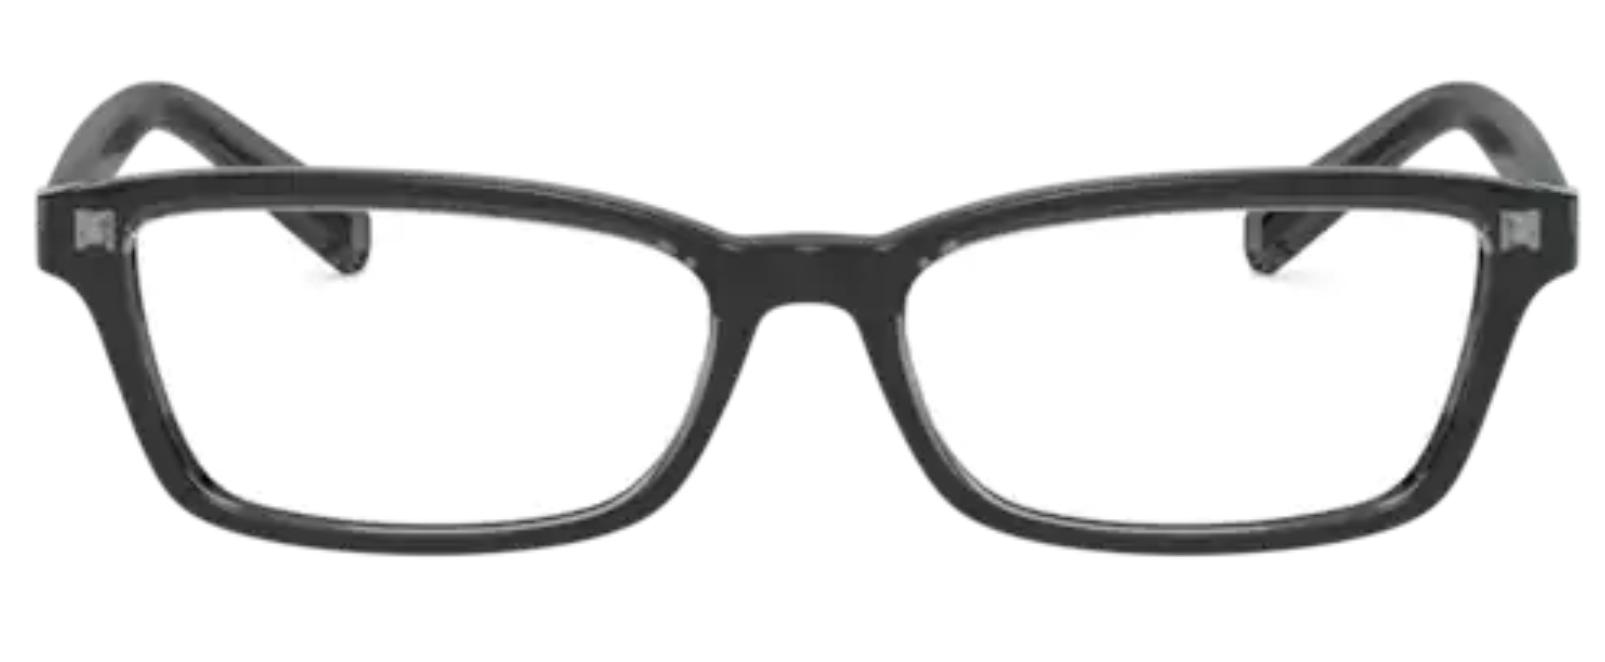 Óculos de Grau Armani Exchange Preto AX 3074 8321 Tam.54